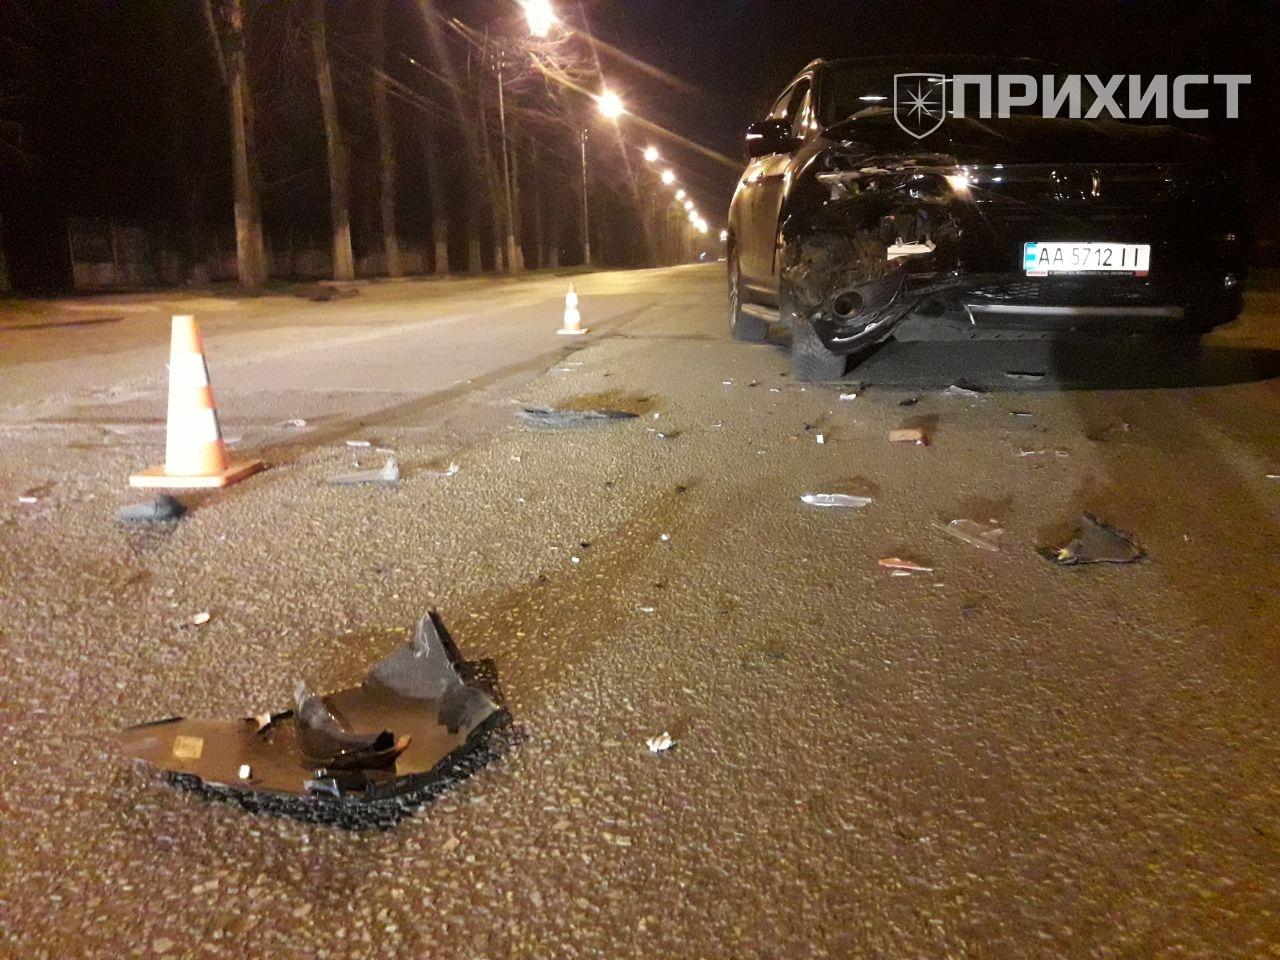 ДТП на ул. Ушинского | Прихист